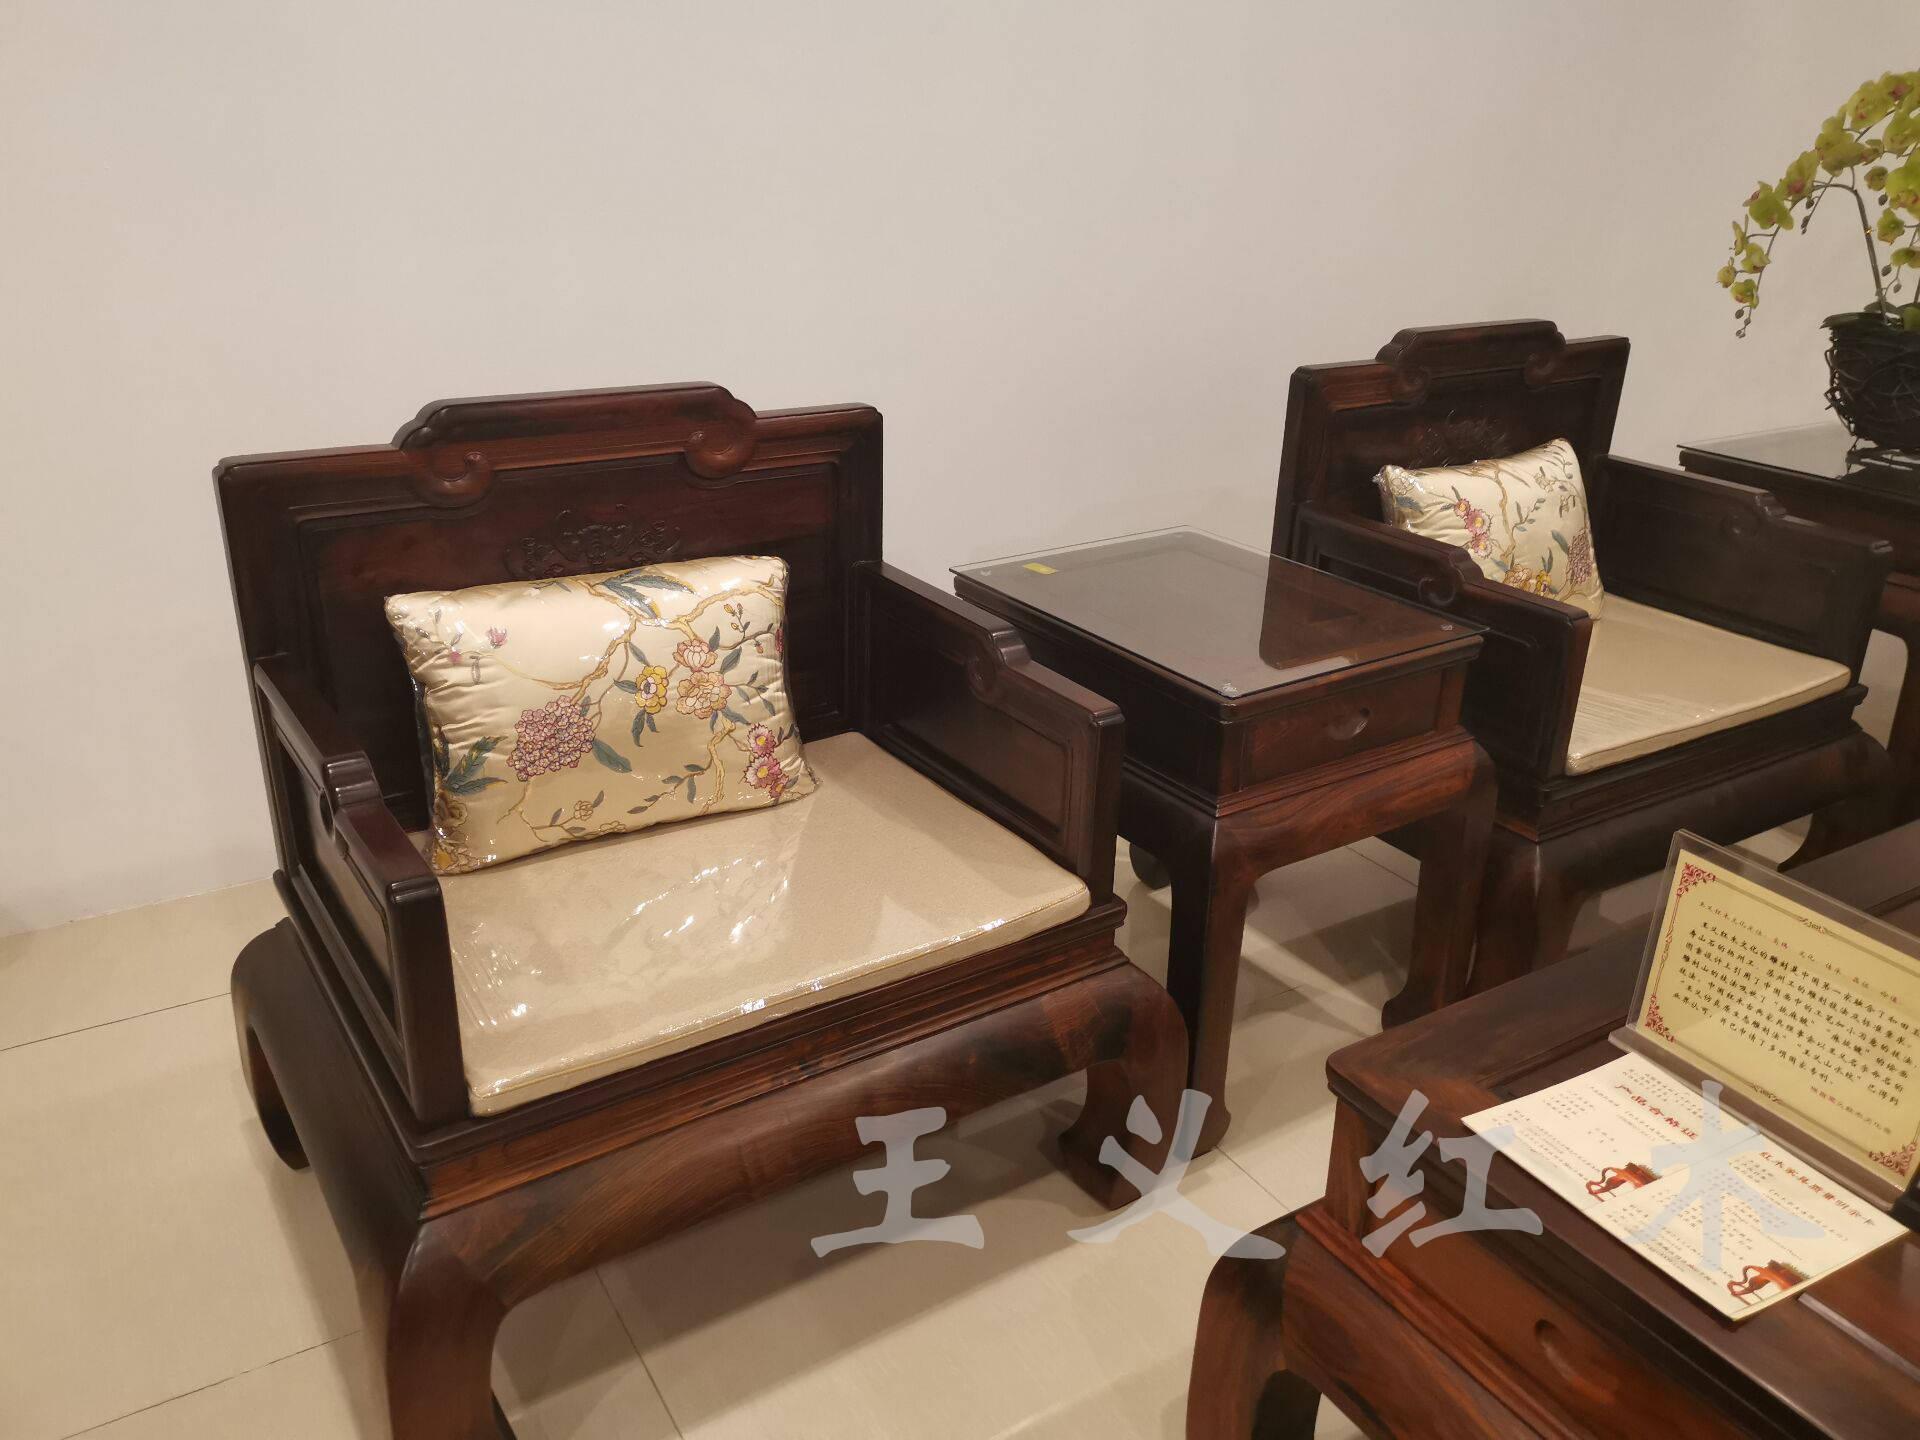 差不多规格的同款型家具